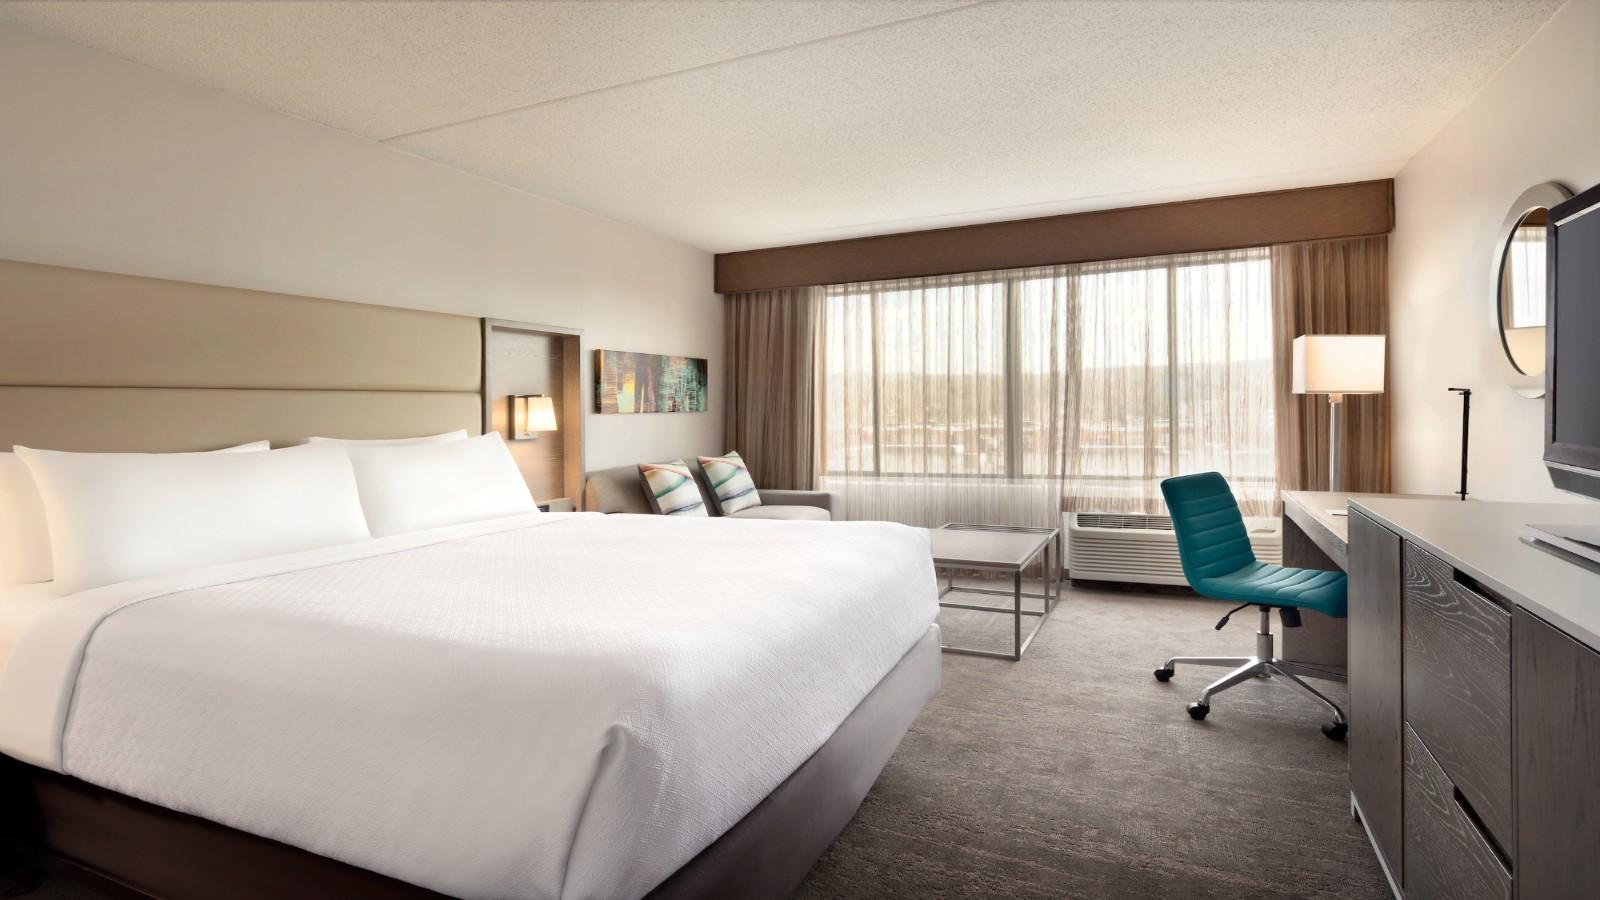 Englewood NJ Hotels | Crowne Plaza Englewood NJ Hotel